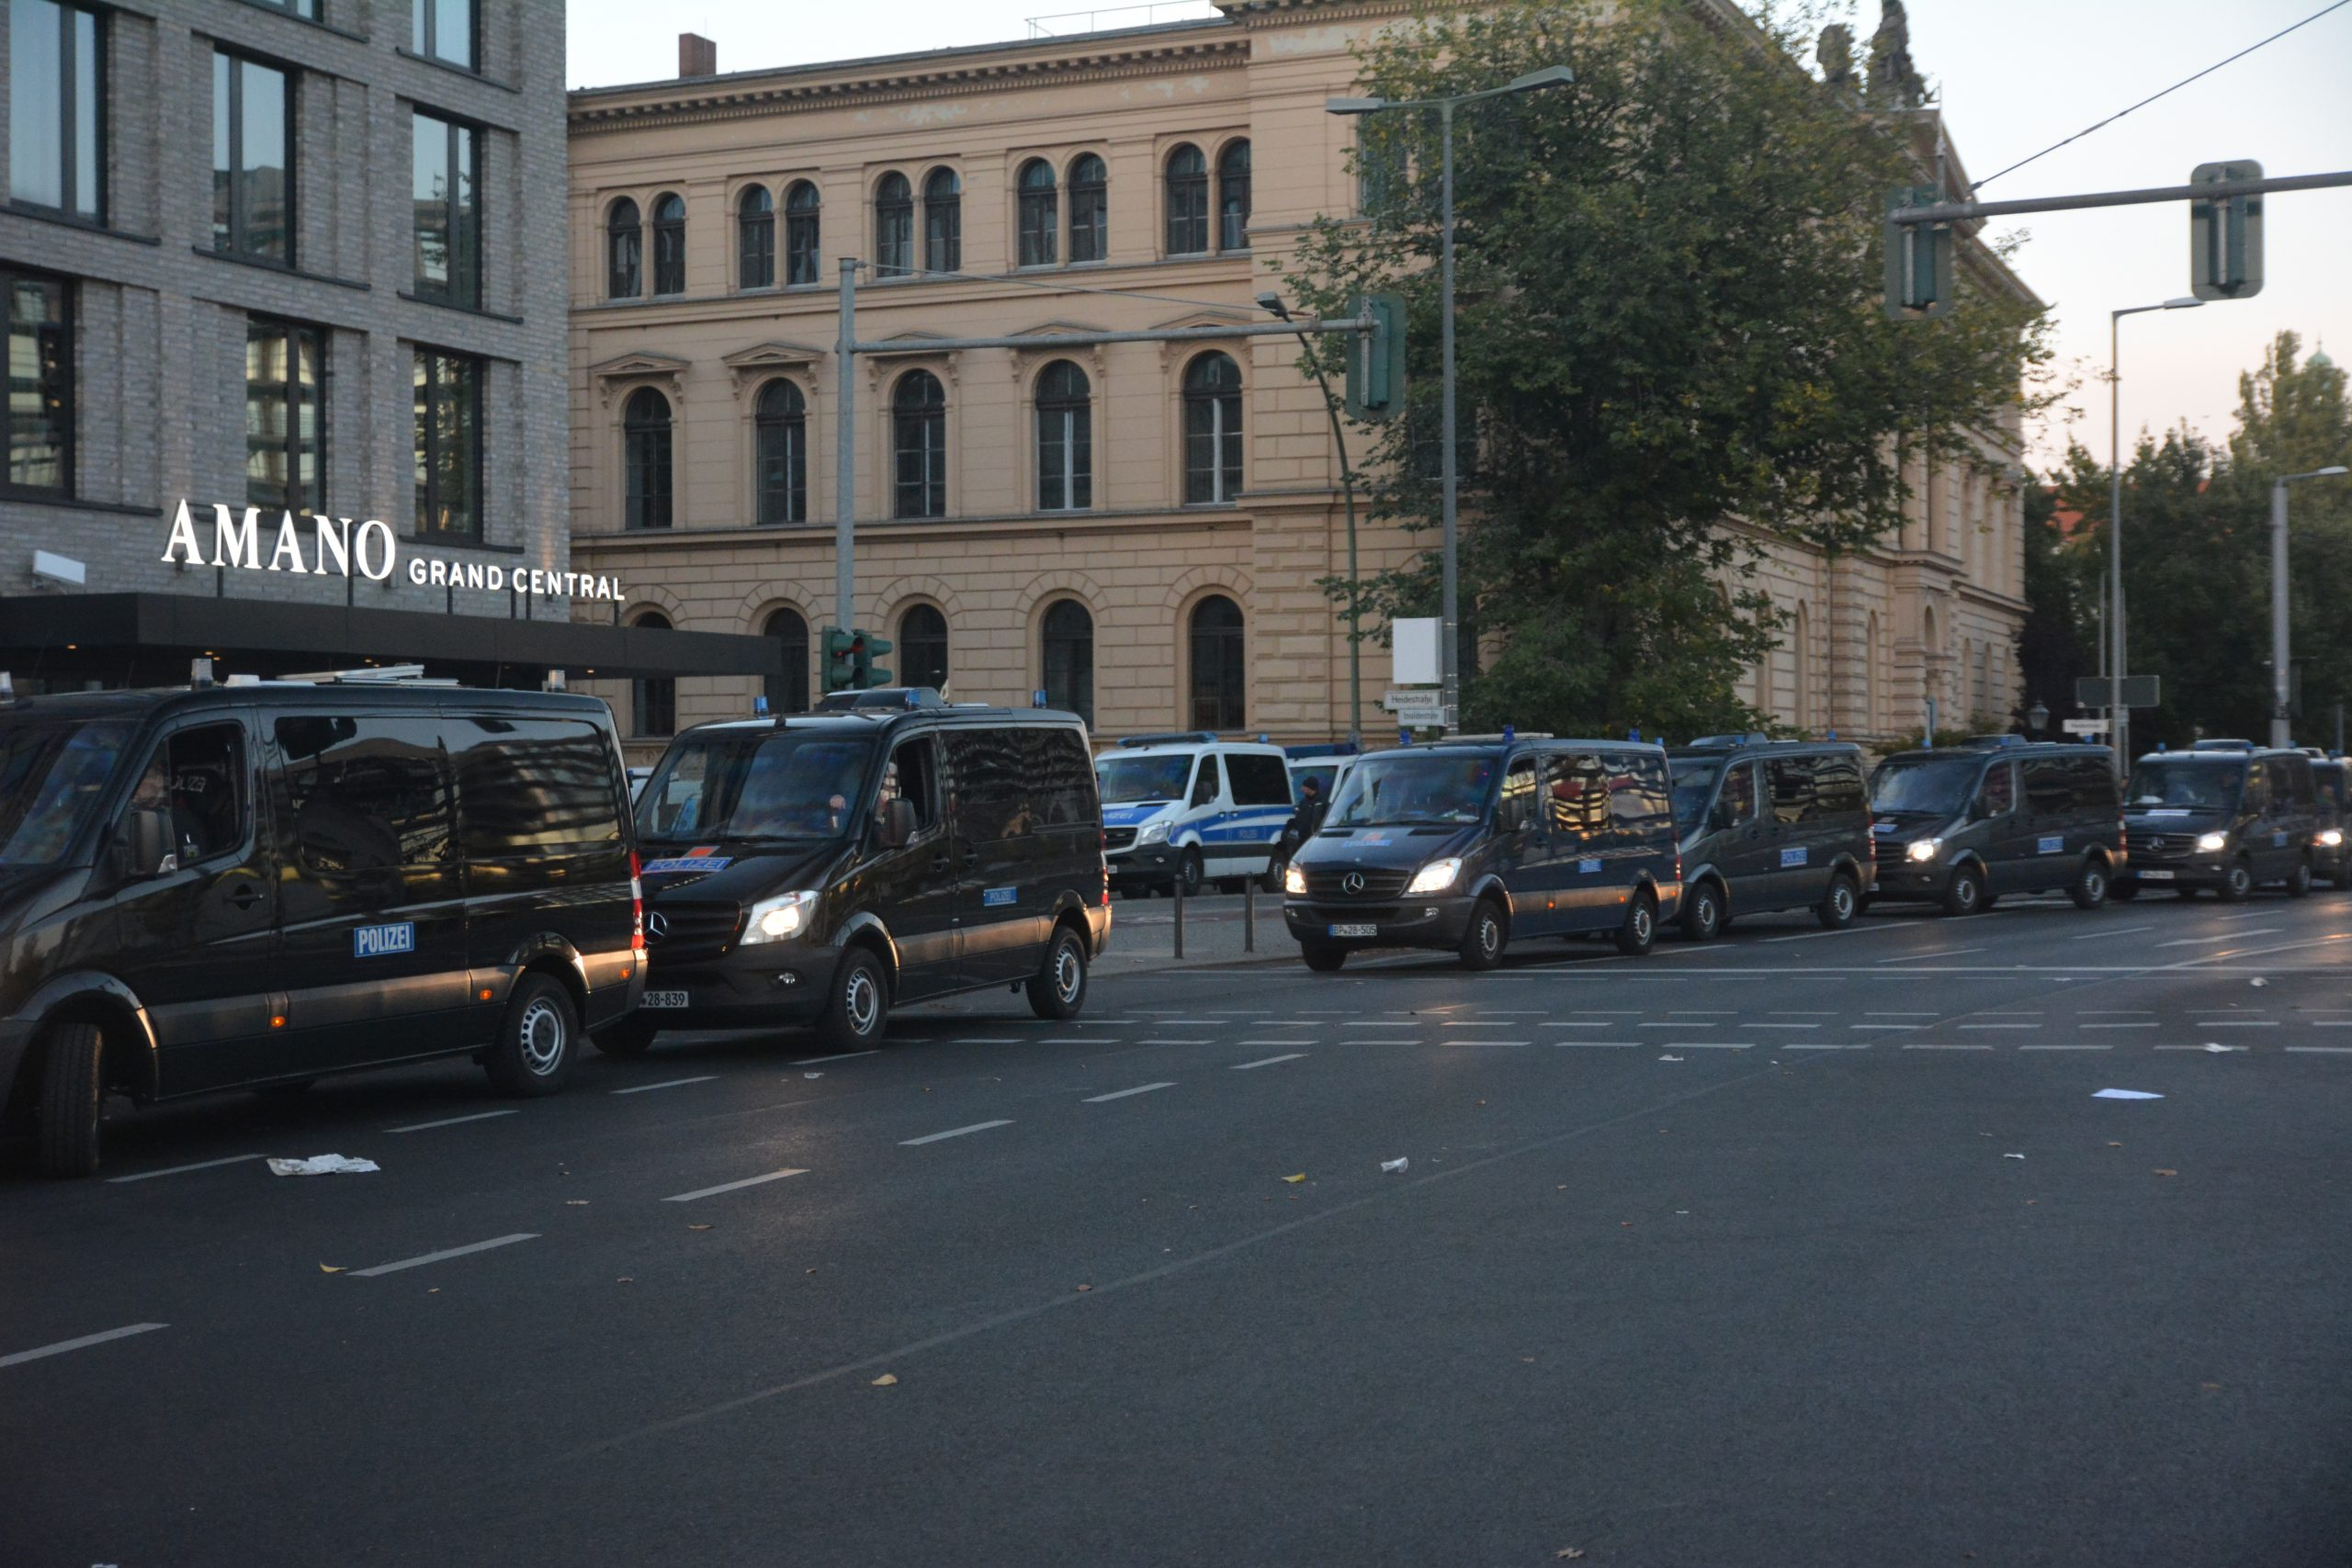 mehrere schwarze Mercedes Transporter mit Blaulicht und Polizei-Schriftzug am Straßenrand